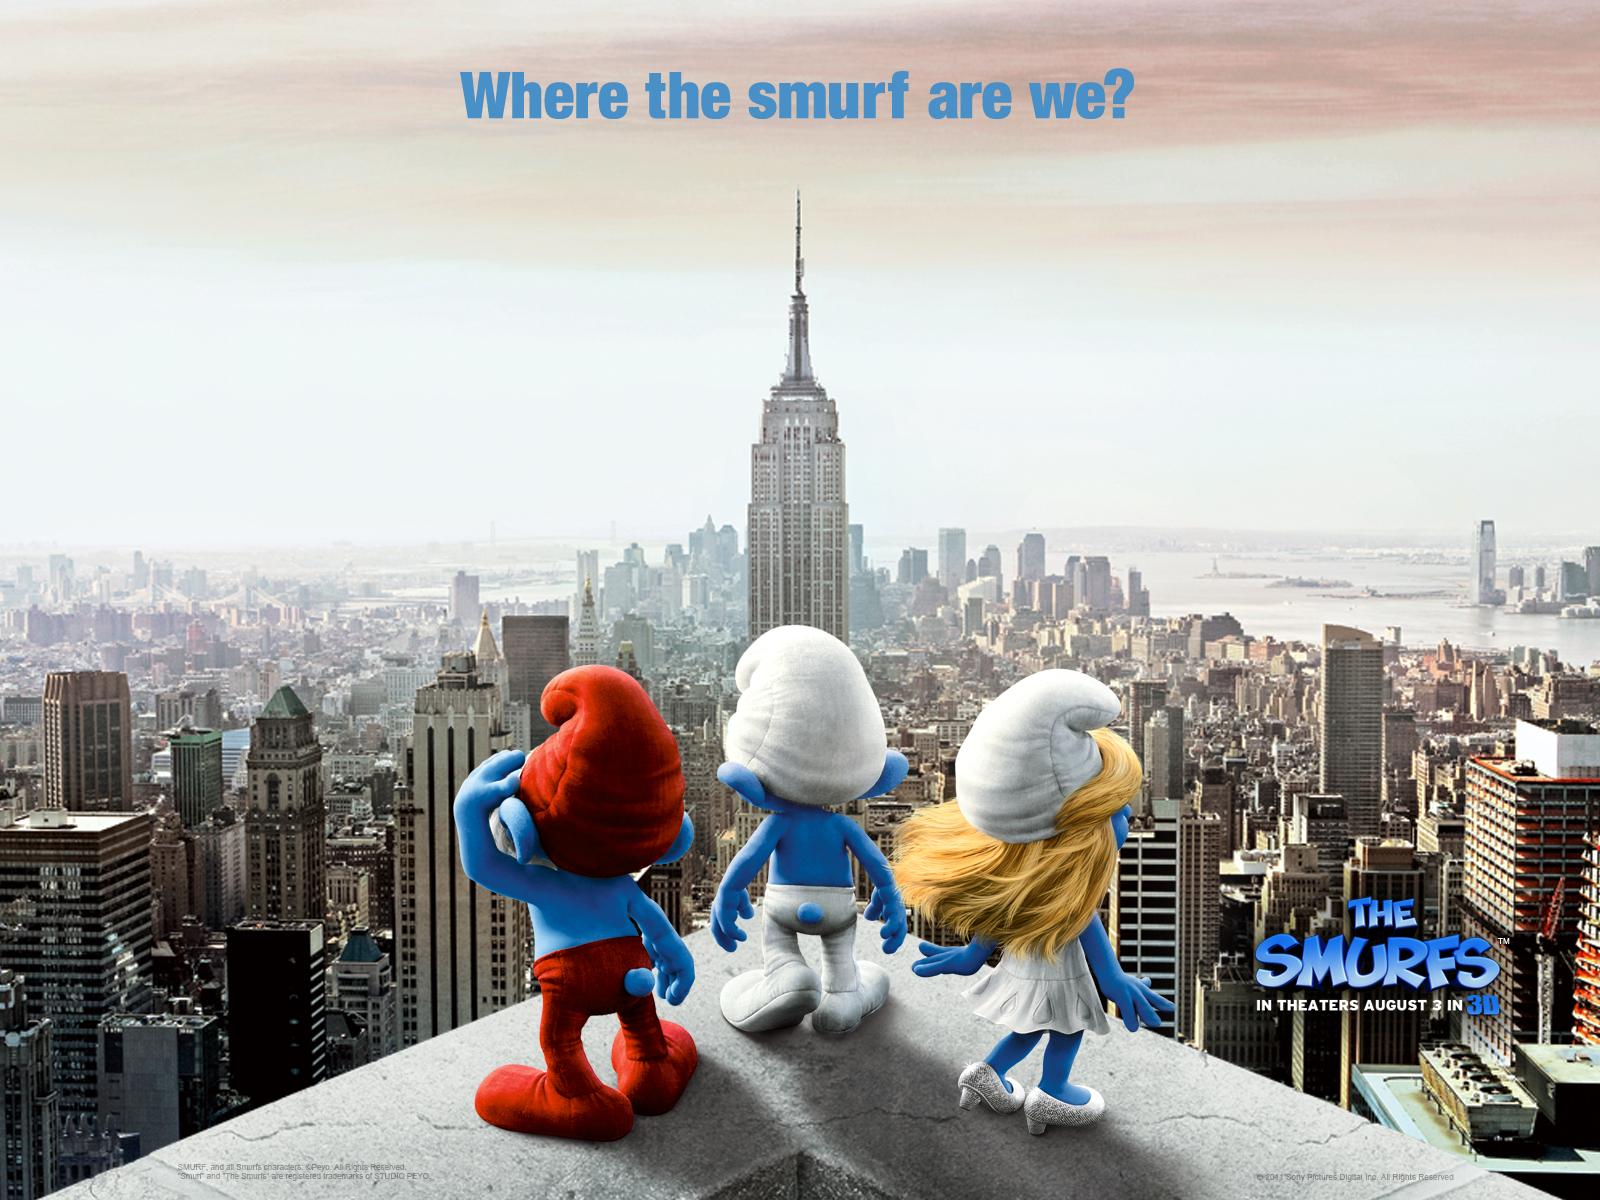 http://1.bp.blogspot.com/-OOxNzDYis0E/TqwK0QHB1OI/AAAAAAAADnE/3ZYktKBsYk4/s1600/The-Smurfs-movies-wallpaper.jpg